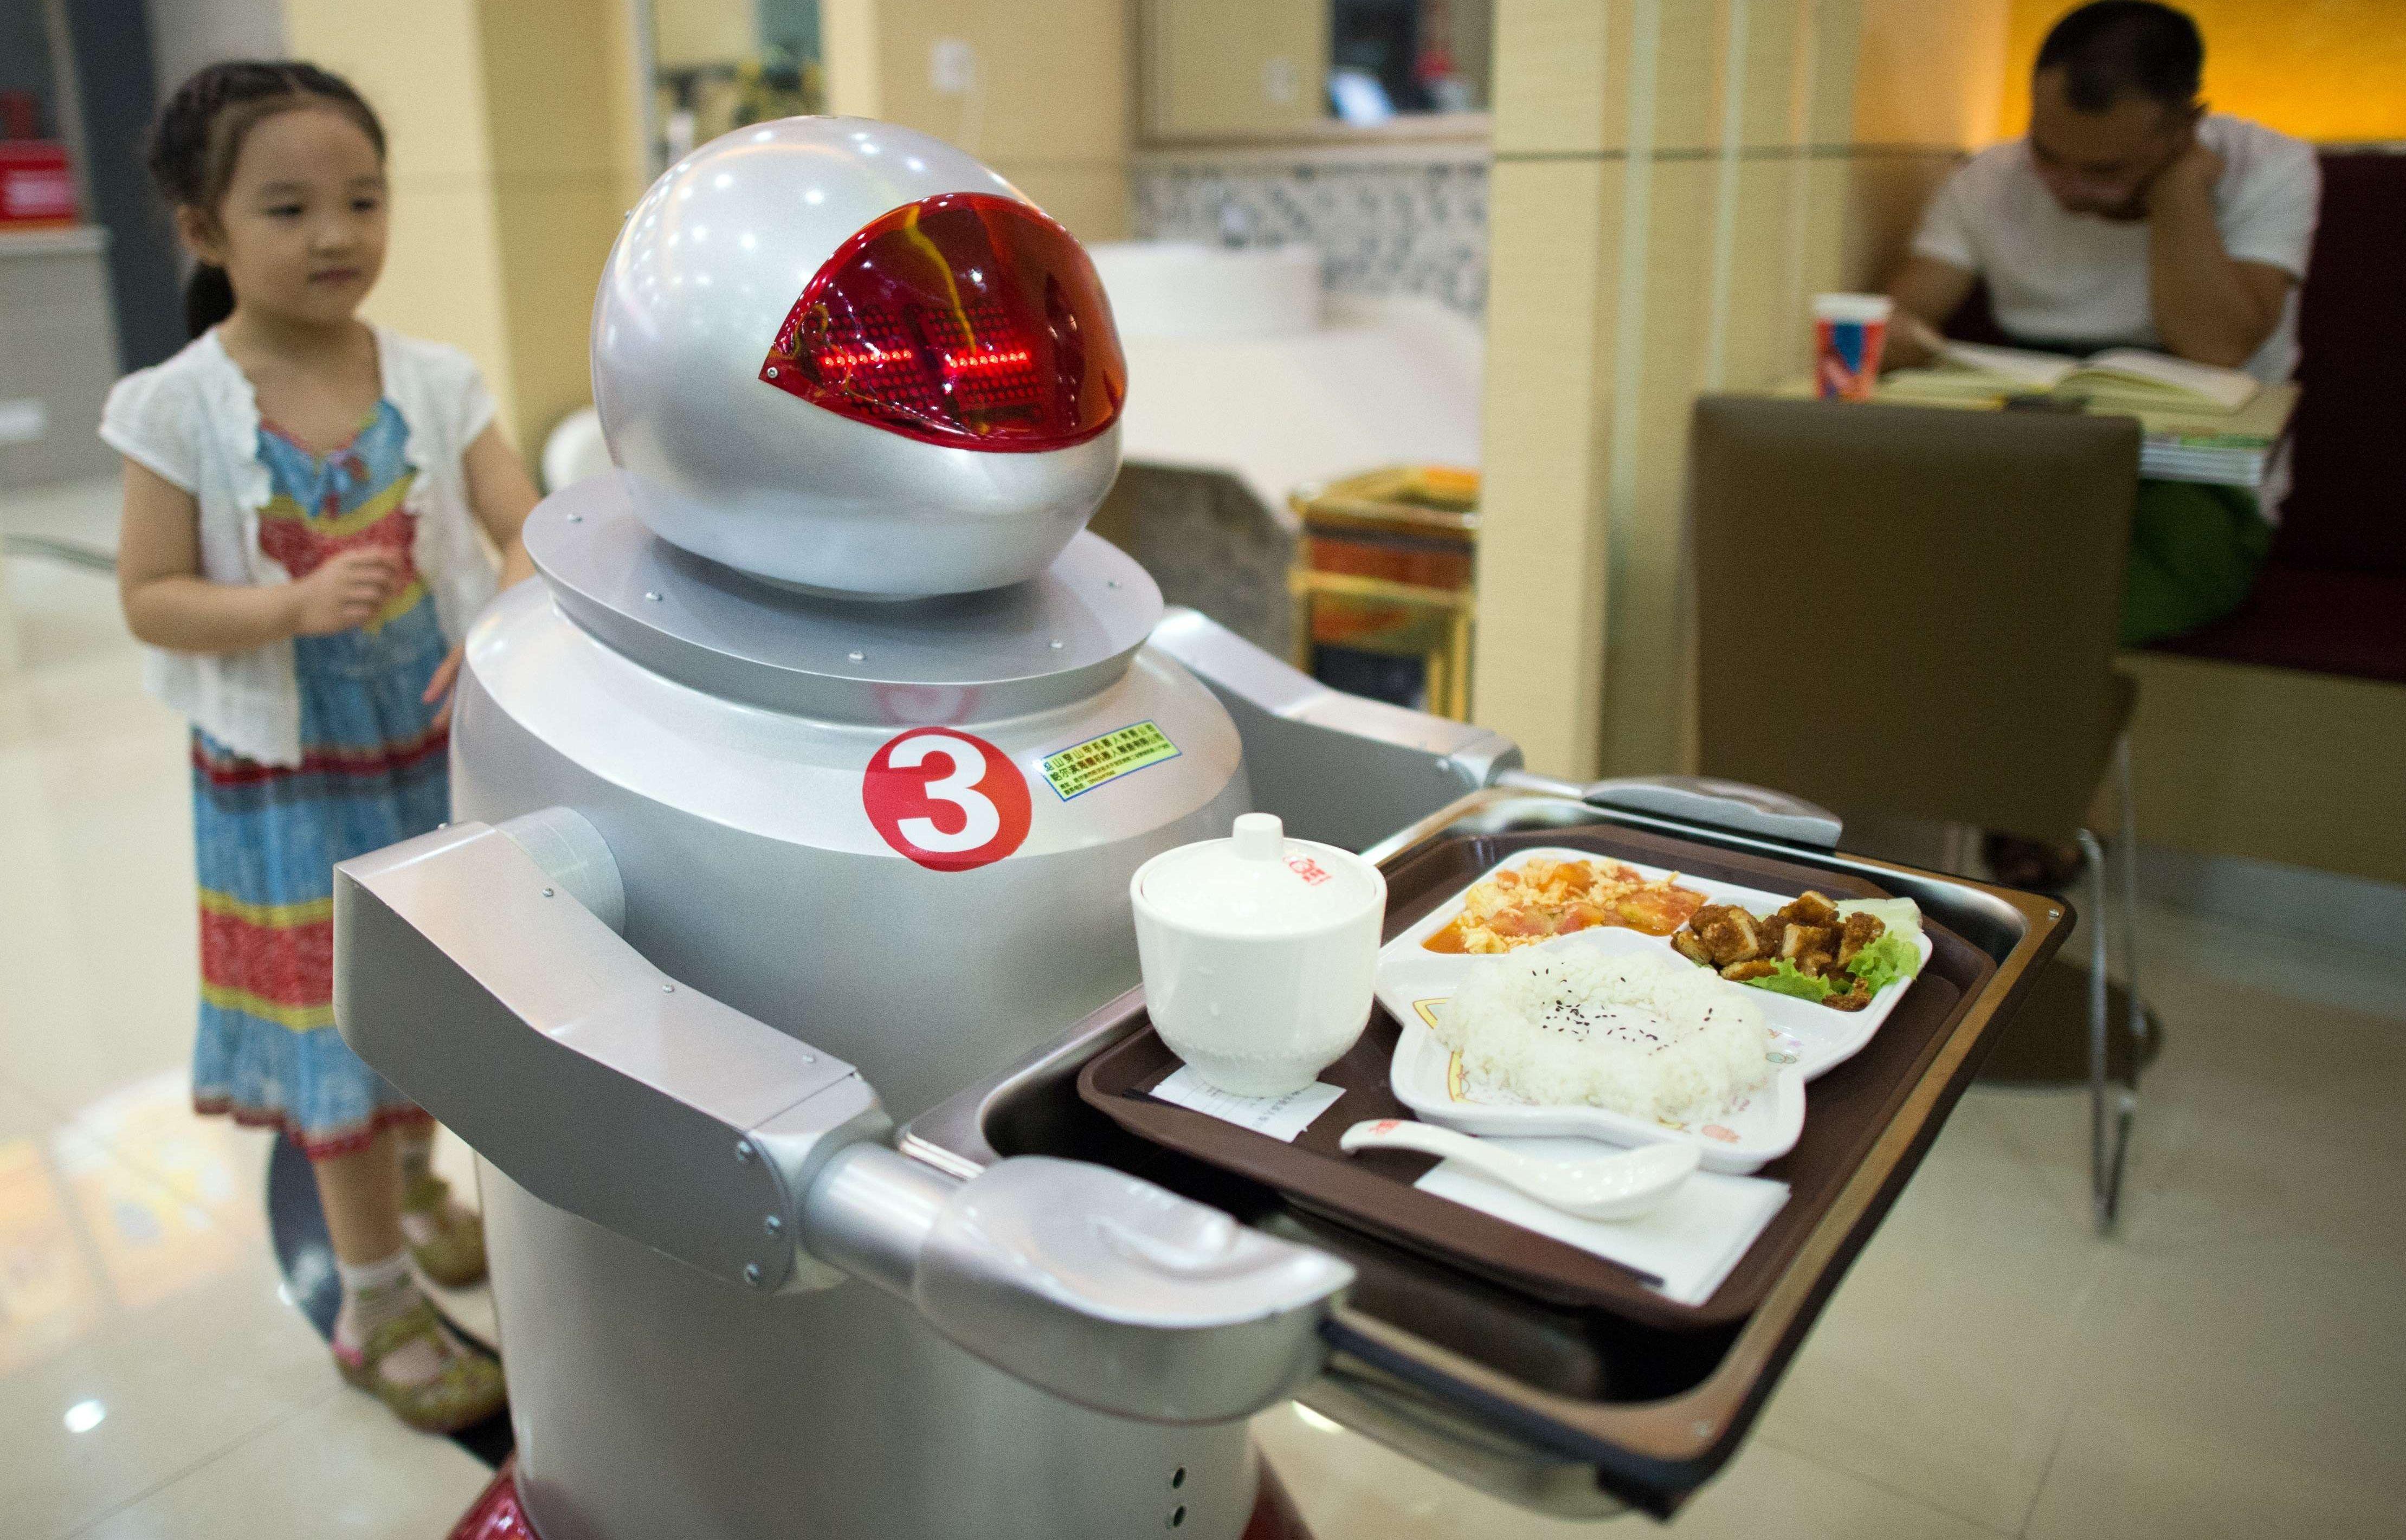 Roboter er i ferd med å ta over stadig flere jobber som tidligere bare mennesker kunne gjøre - alt fra å lage og servere mat, til å hjelpe med manikyr og å være lærer. Men hva skal alle menneskene da leve av?